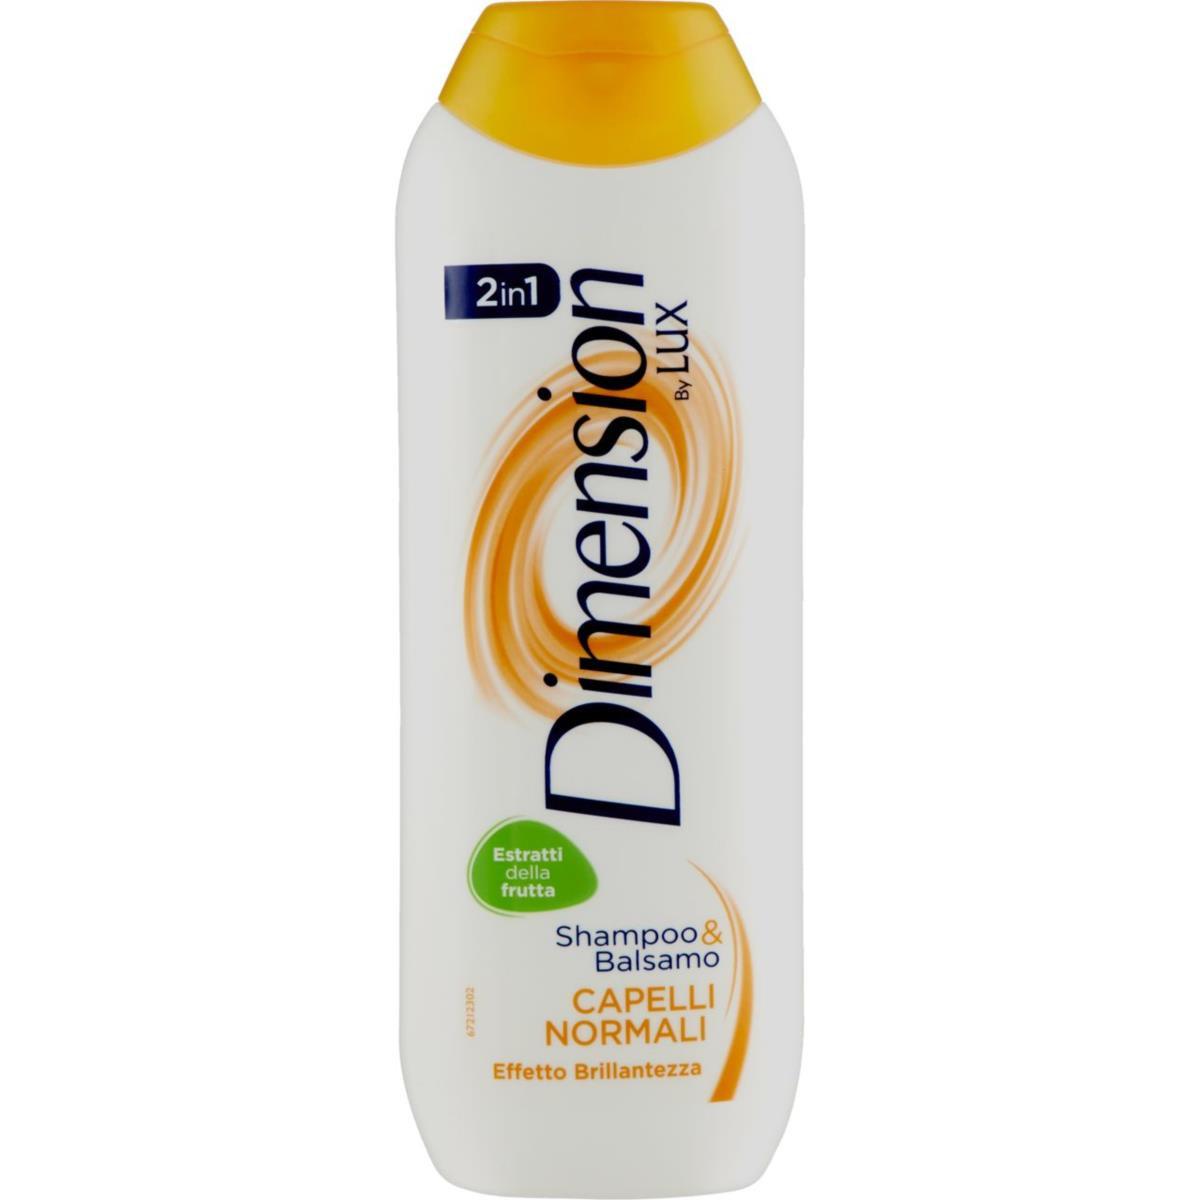 DIMENSION Lux Capelli Normali Shampoo&Balsamo 2in1 250ml